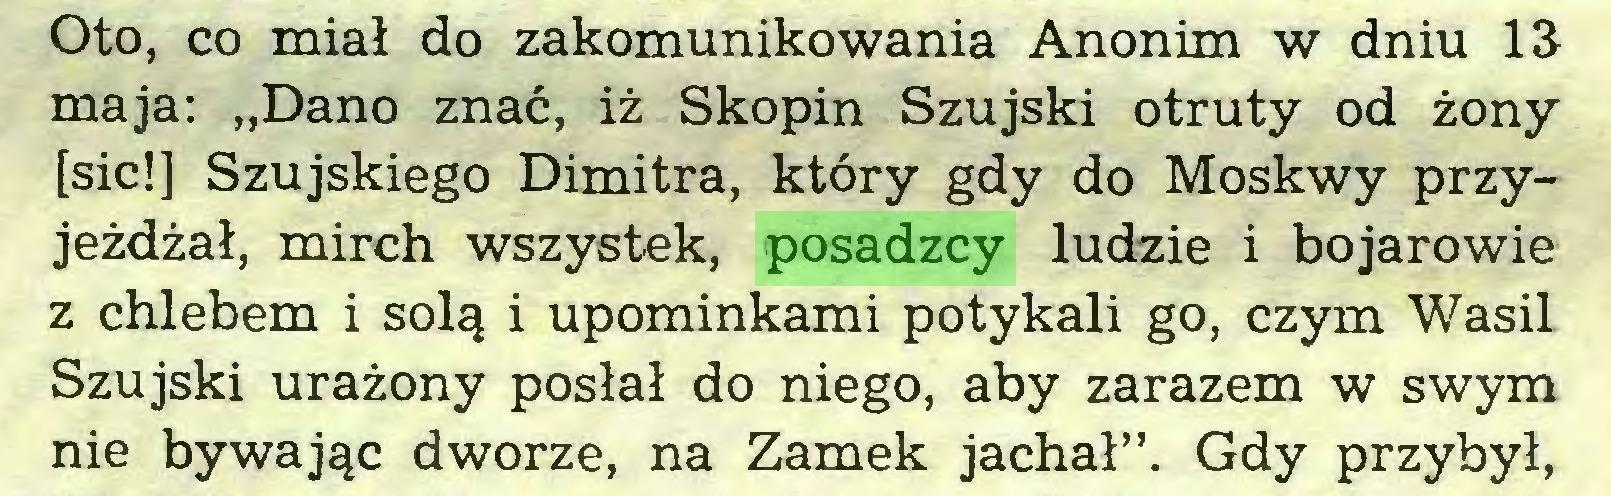 """(...) Oto, co miał do zakomunikowania Anonim w dniu 13 maja: """"Dano znać, iż Skopin Szujski otruty od żony [sic!] Szujskiego Dimitra, który gdy do Moskwy przyjeżdżał, mirch wszystek, posadzcy ludzie i bojarowie z chlebem i solą i upominkami potykali go, czym Wasil Szujski urażony posłał do niego, aby zarazem w swym nie bywając dworze, na Zamek jachał"""". Gdy przybył,..."""